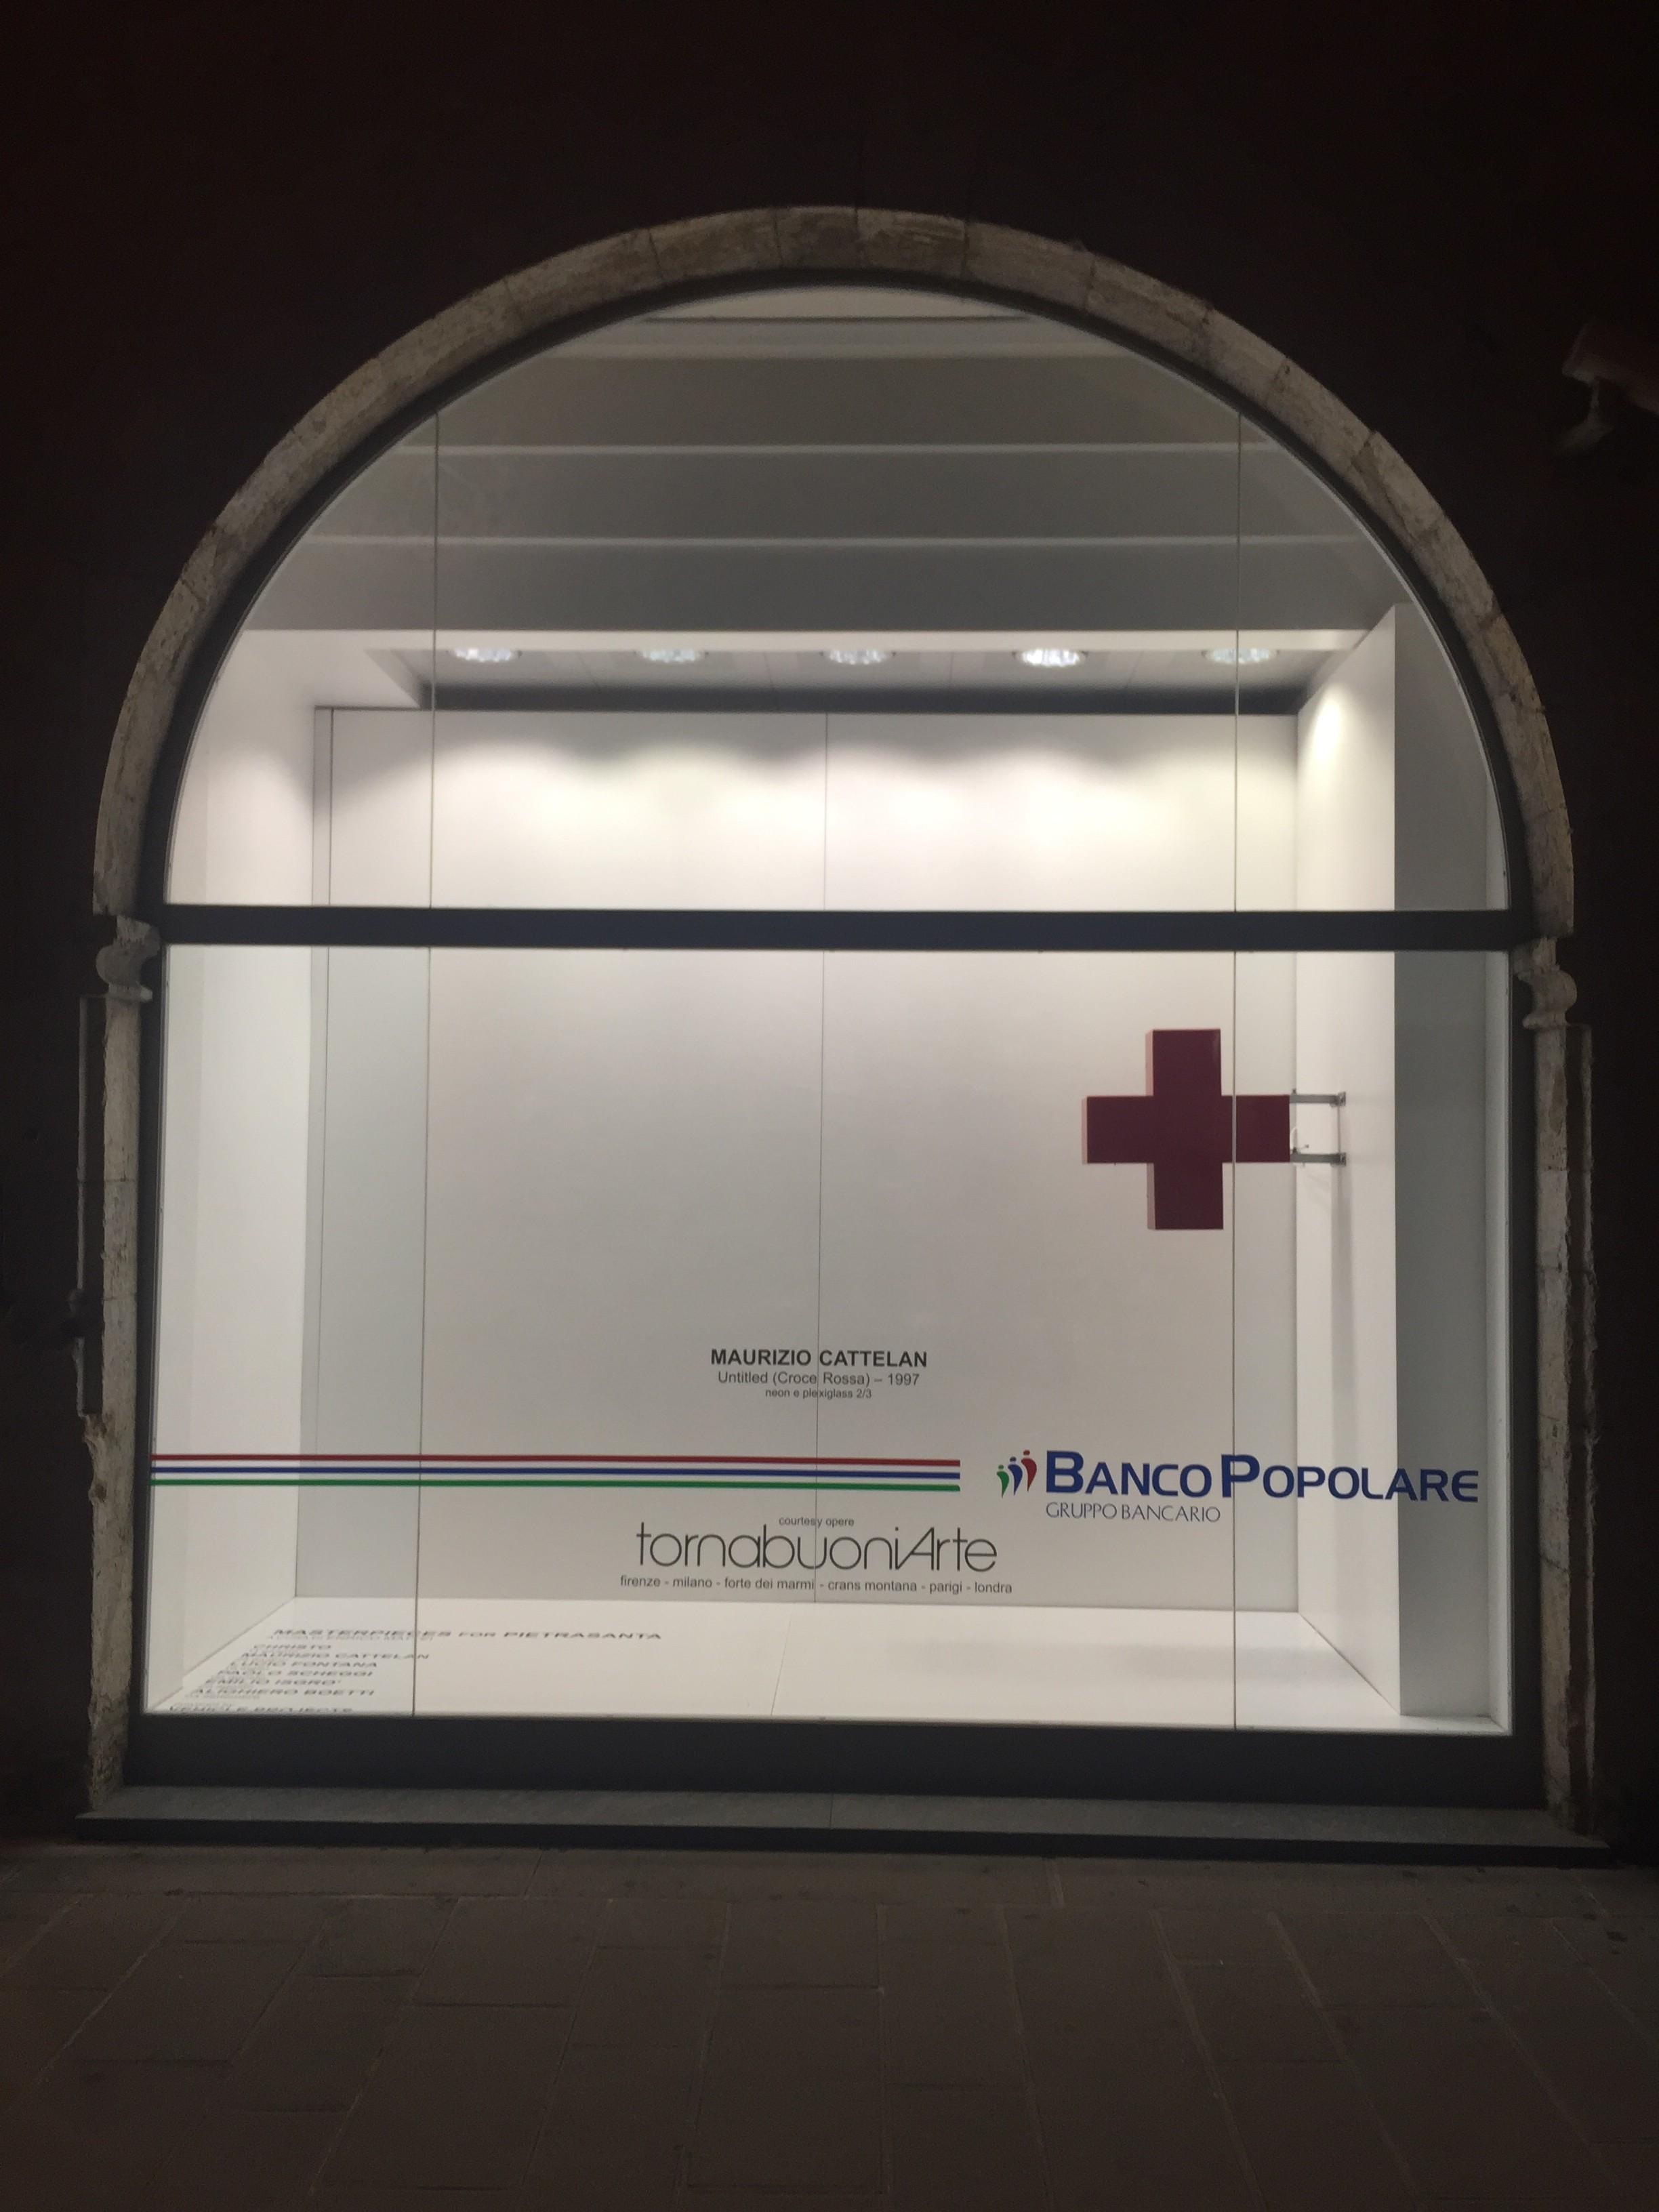 MAURIZIO CATTELAN, Untitled (Croce Rossa),, 1997, neon e plexiglass 2/3, cm. 60x75x20. Veduta dell'allestimento, vetrina banco Popolare di Pietrasanta. Courtesy TornabuoniArte